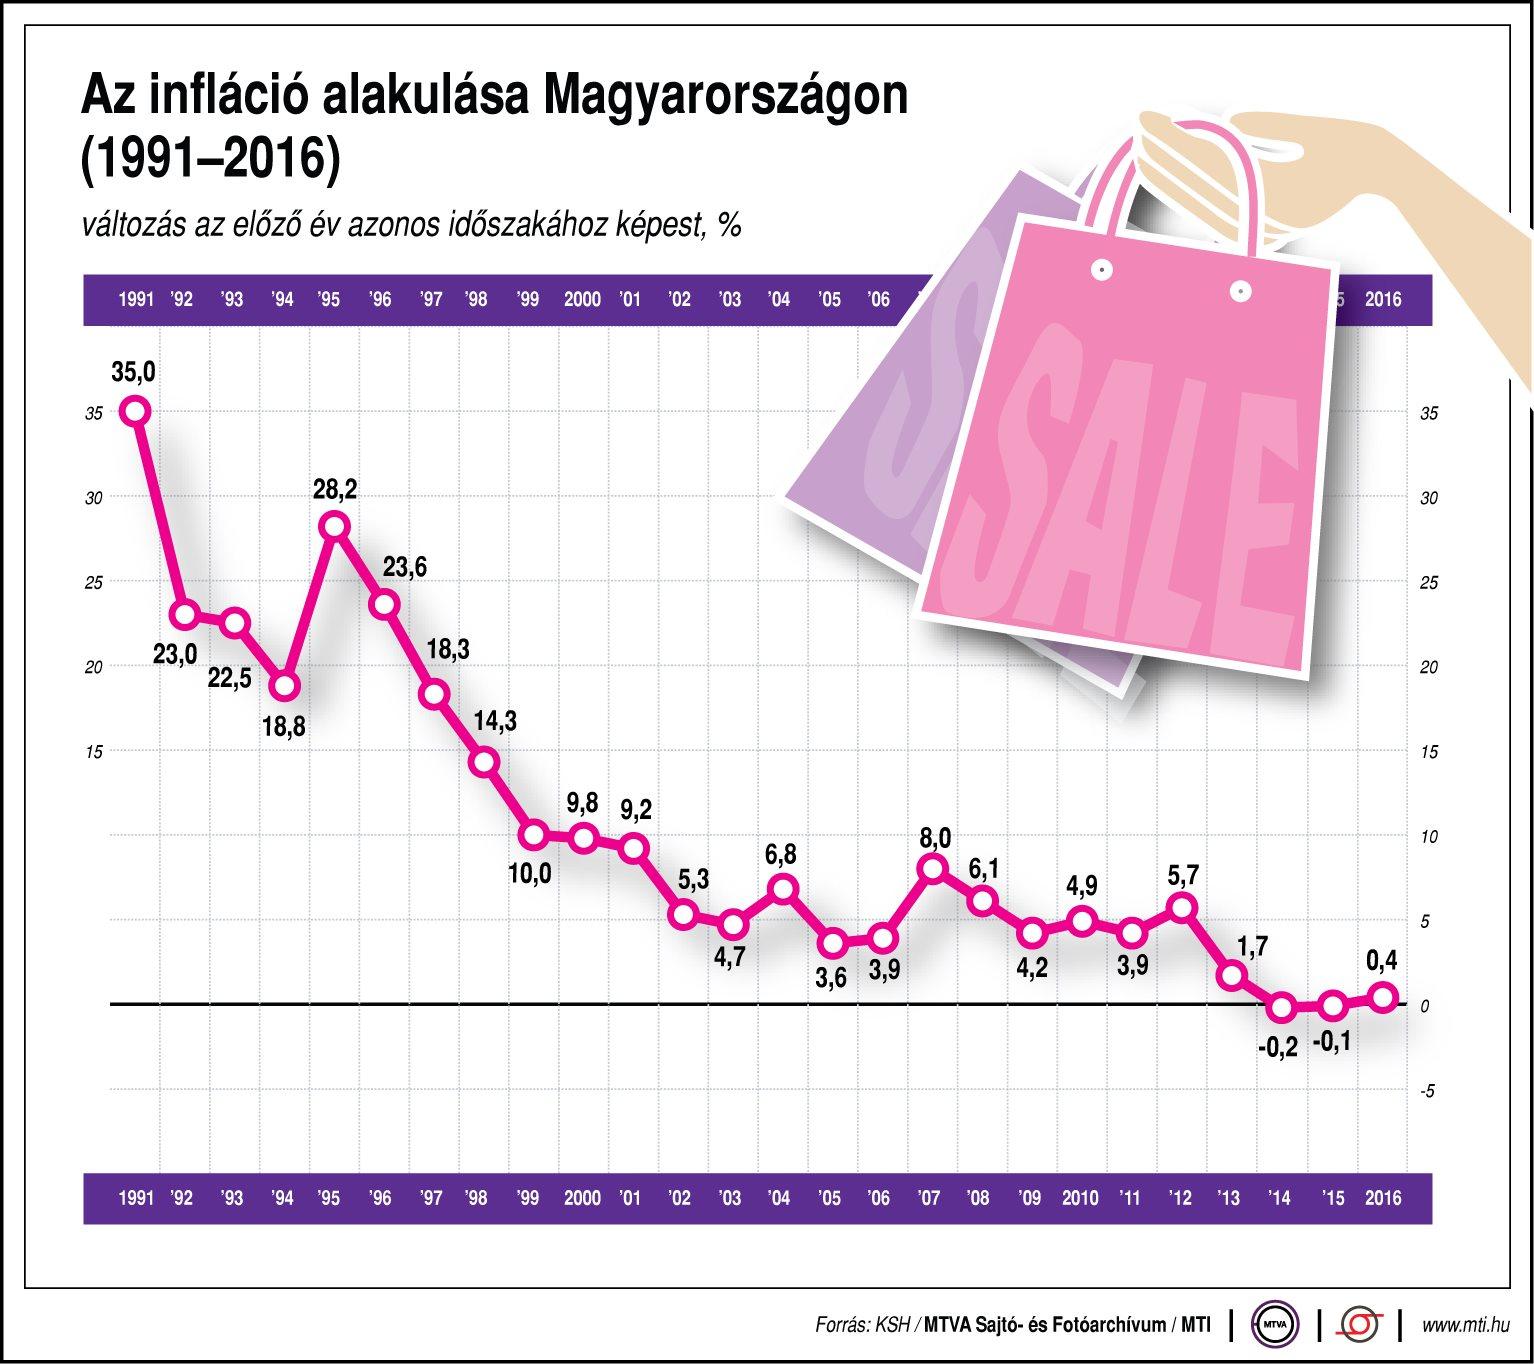 Így alakul az infláció - egy ábrán